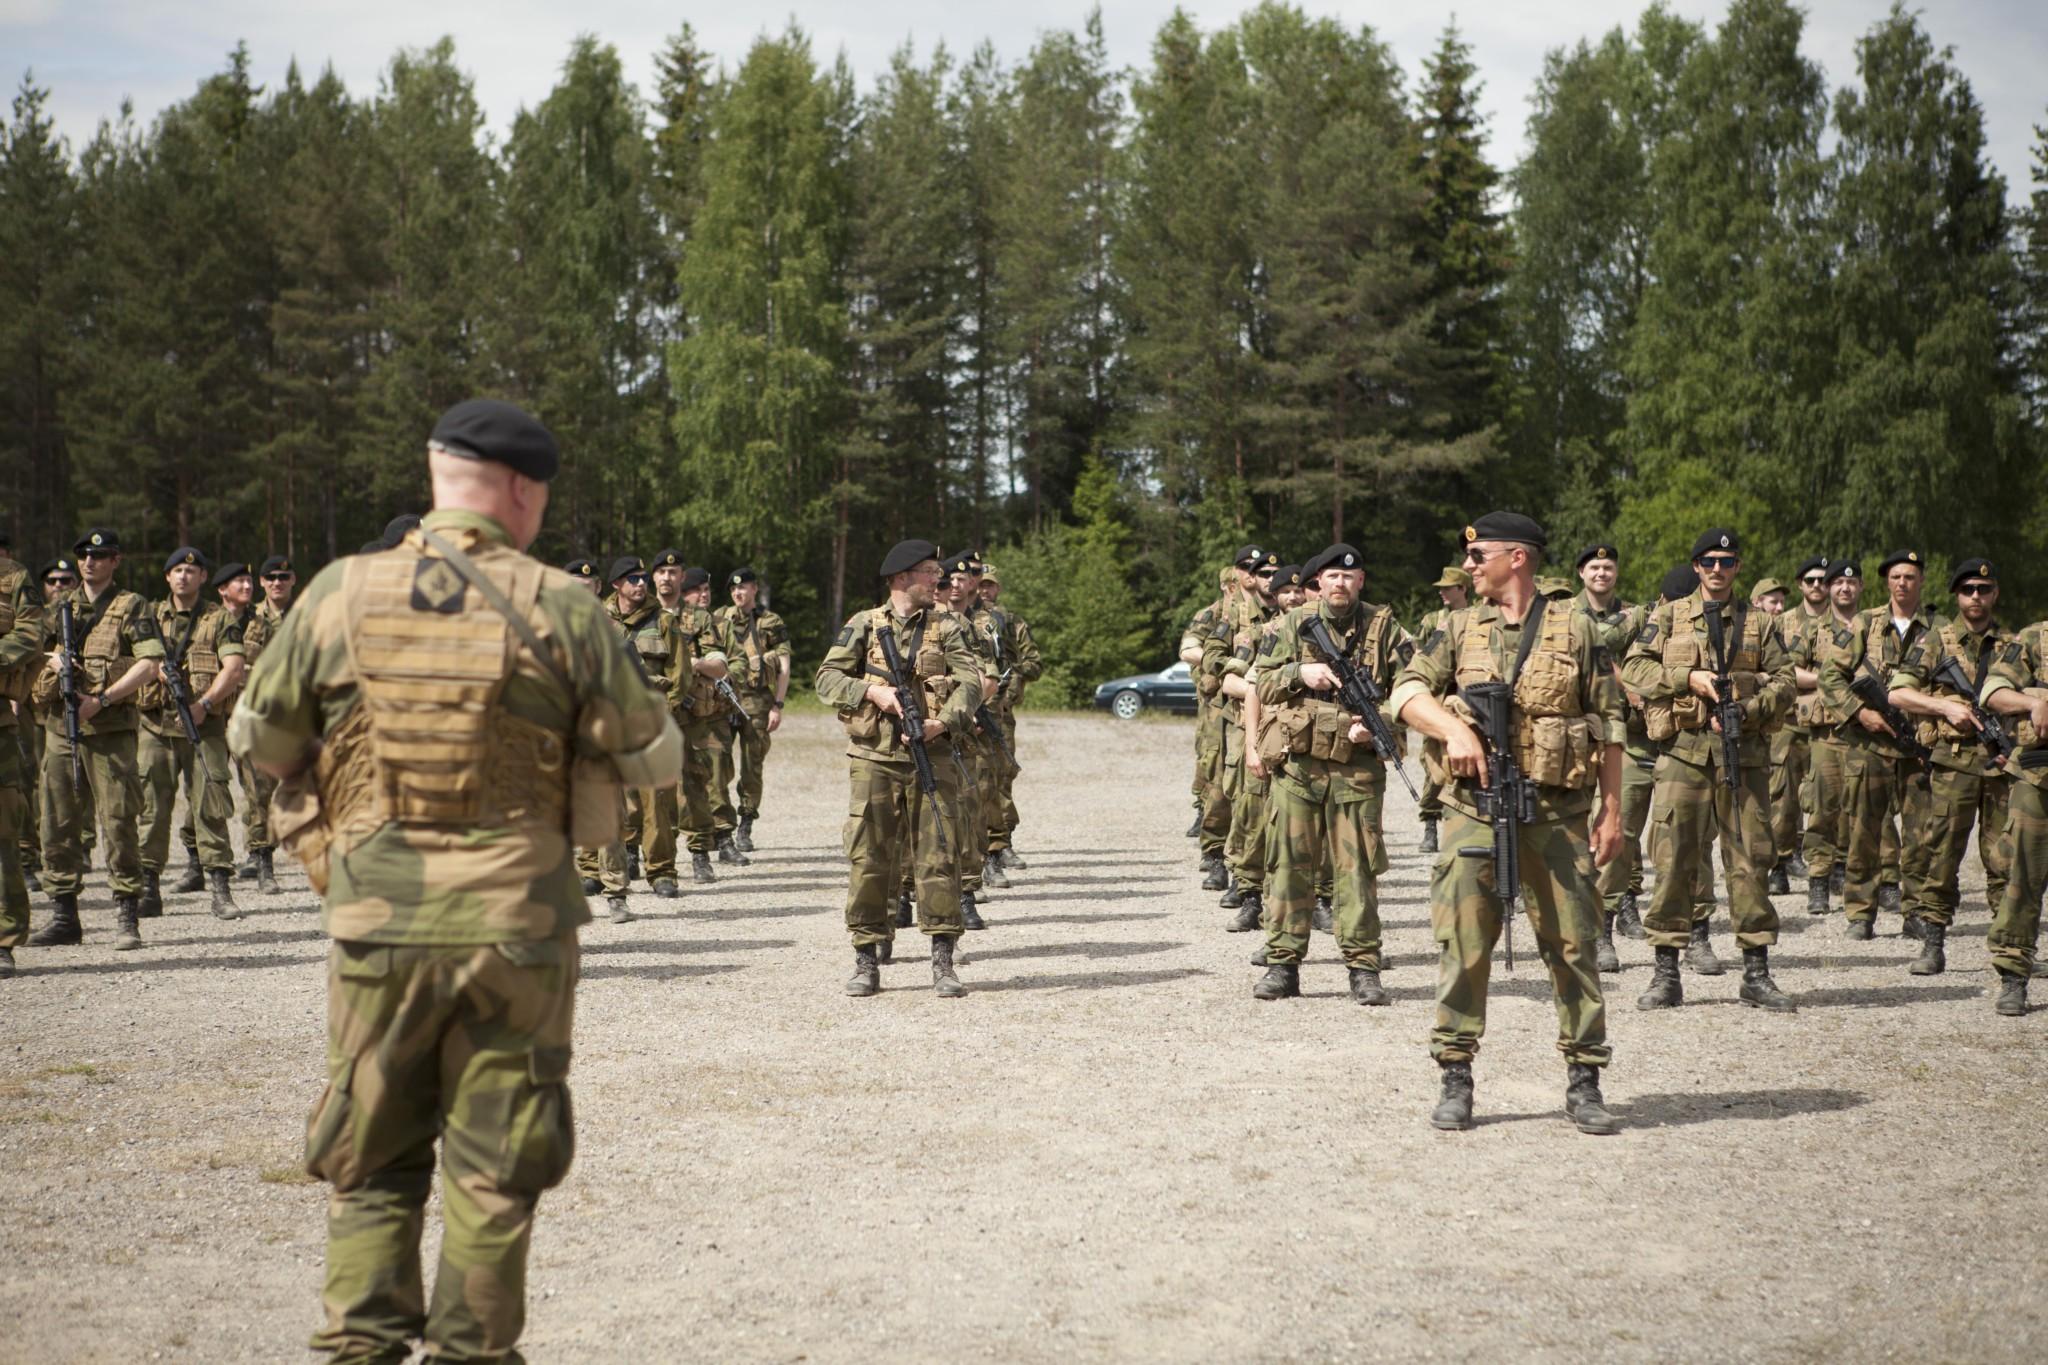 Mandag 13. juni var det slutt for rittmester Pål W. Hammerstad som sjef for UTR-eskadronen HV-område 02102 – en posisjon han har innehatt siden 2005. Da overtok løytnant Petter W. Olafsson stafettpinnen – og fikk samtidig en ny stjerne på brystet – foran den oppstilte avdelingen på 120 kvinner og menn. Monday 13. June marks the end for rittmeister Pål W. Hammerstad as chief for the UTR eskadron HV02102. A position he has been in since 2005. Lt. Petter W. Olafsson is now taking over and got ranked up as a captain.